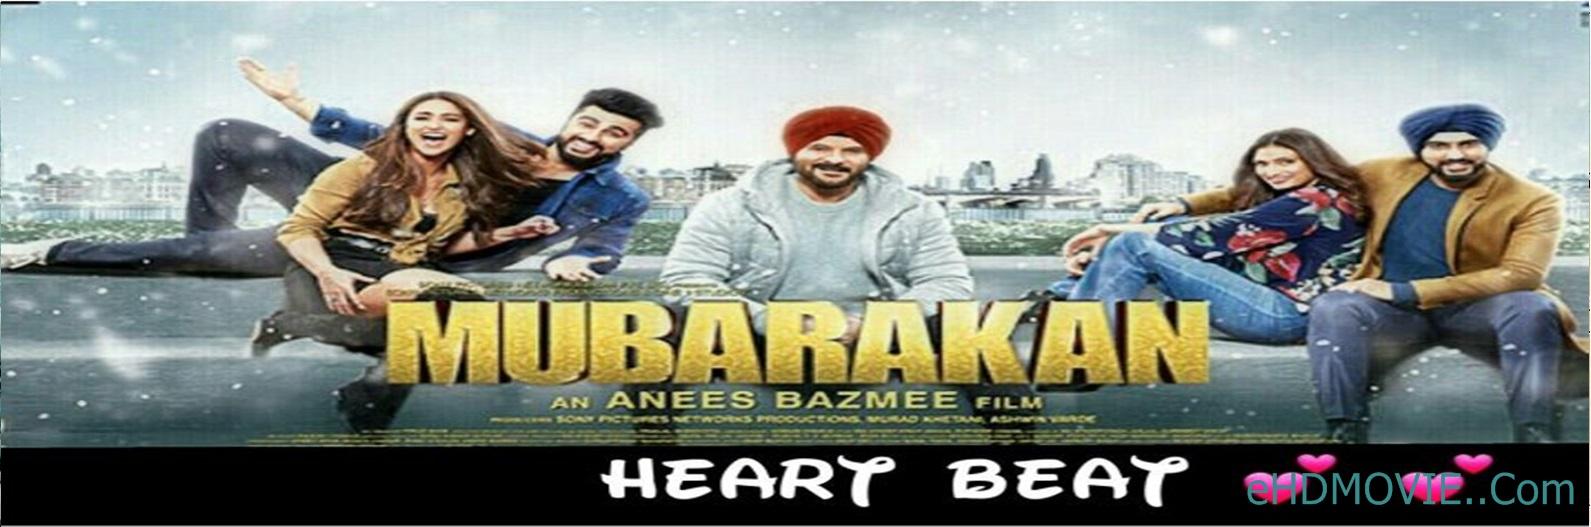 Mubarakan 2017 Full Movie Hindi 720p - 480p ORG BRRip 550MB - 1.2GB ESubs Free Download